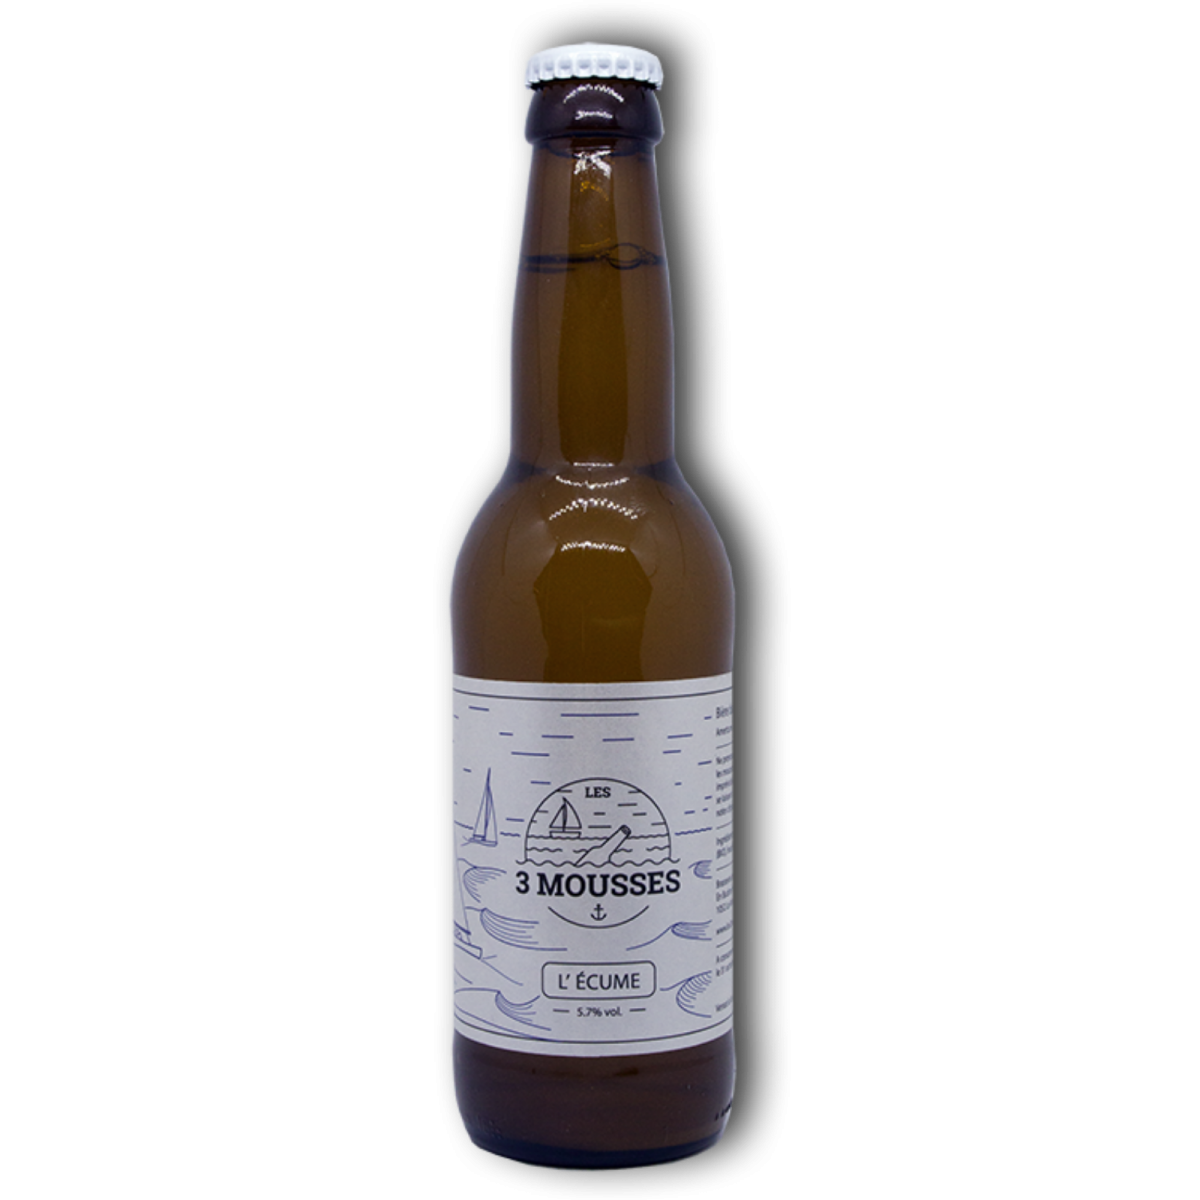 L'Écume - Les 3 Mousses - Alcools - B3M3